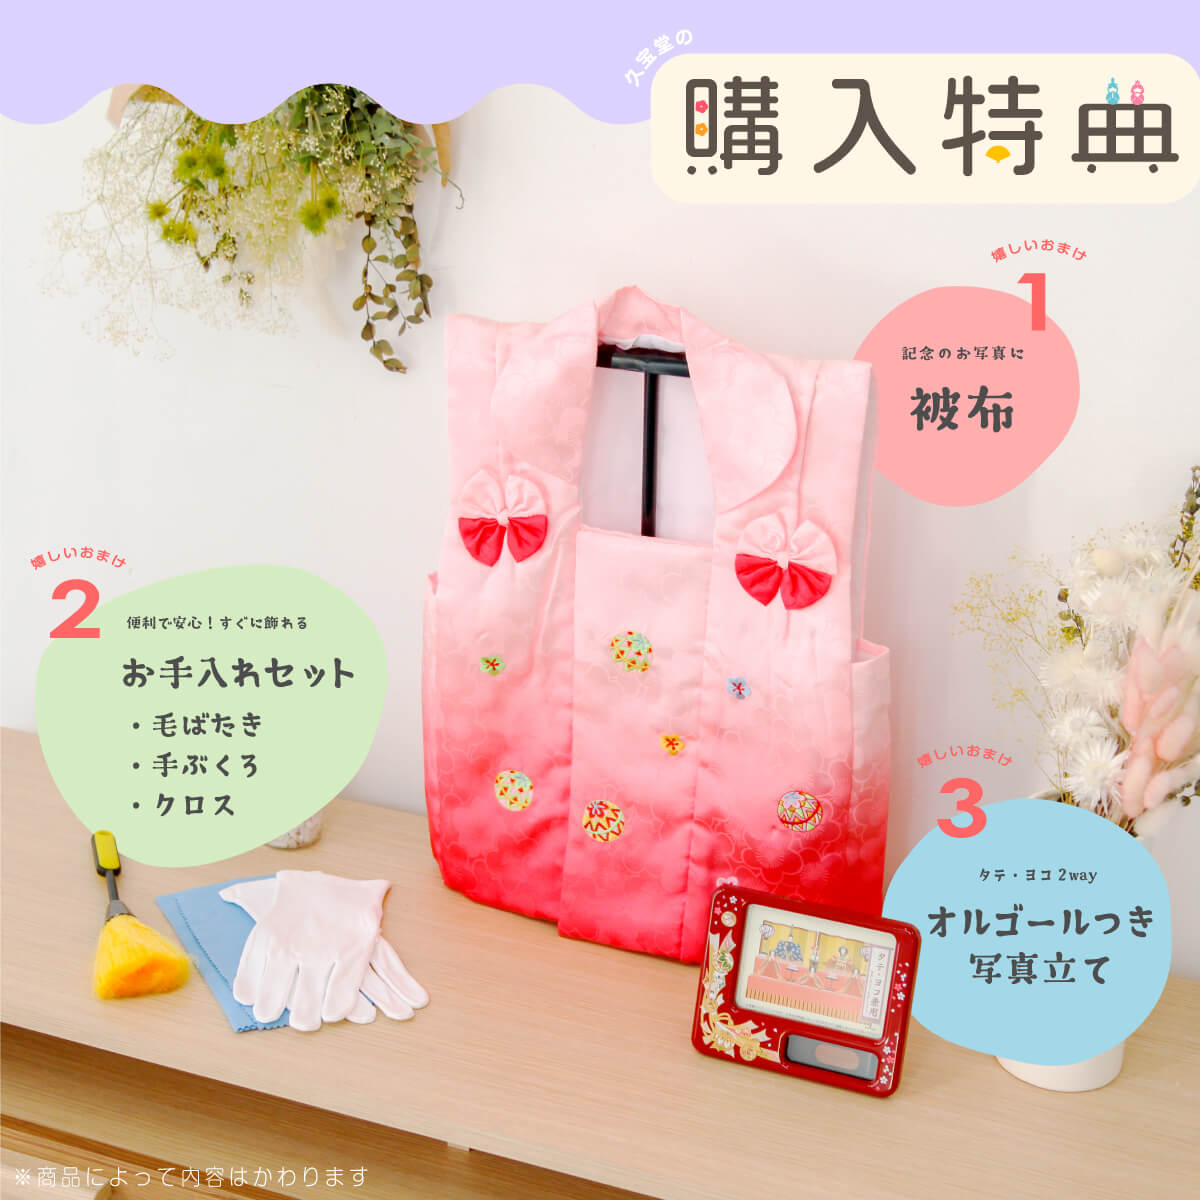 偶人情况裝飾京三五段織松竹梅刺繍背5個全景情况裝飾